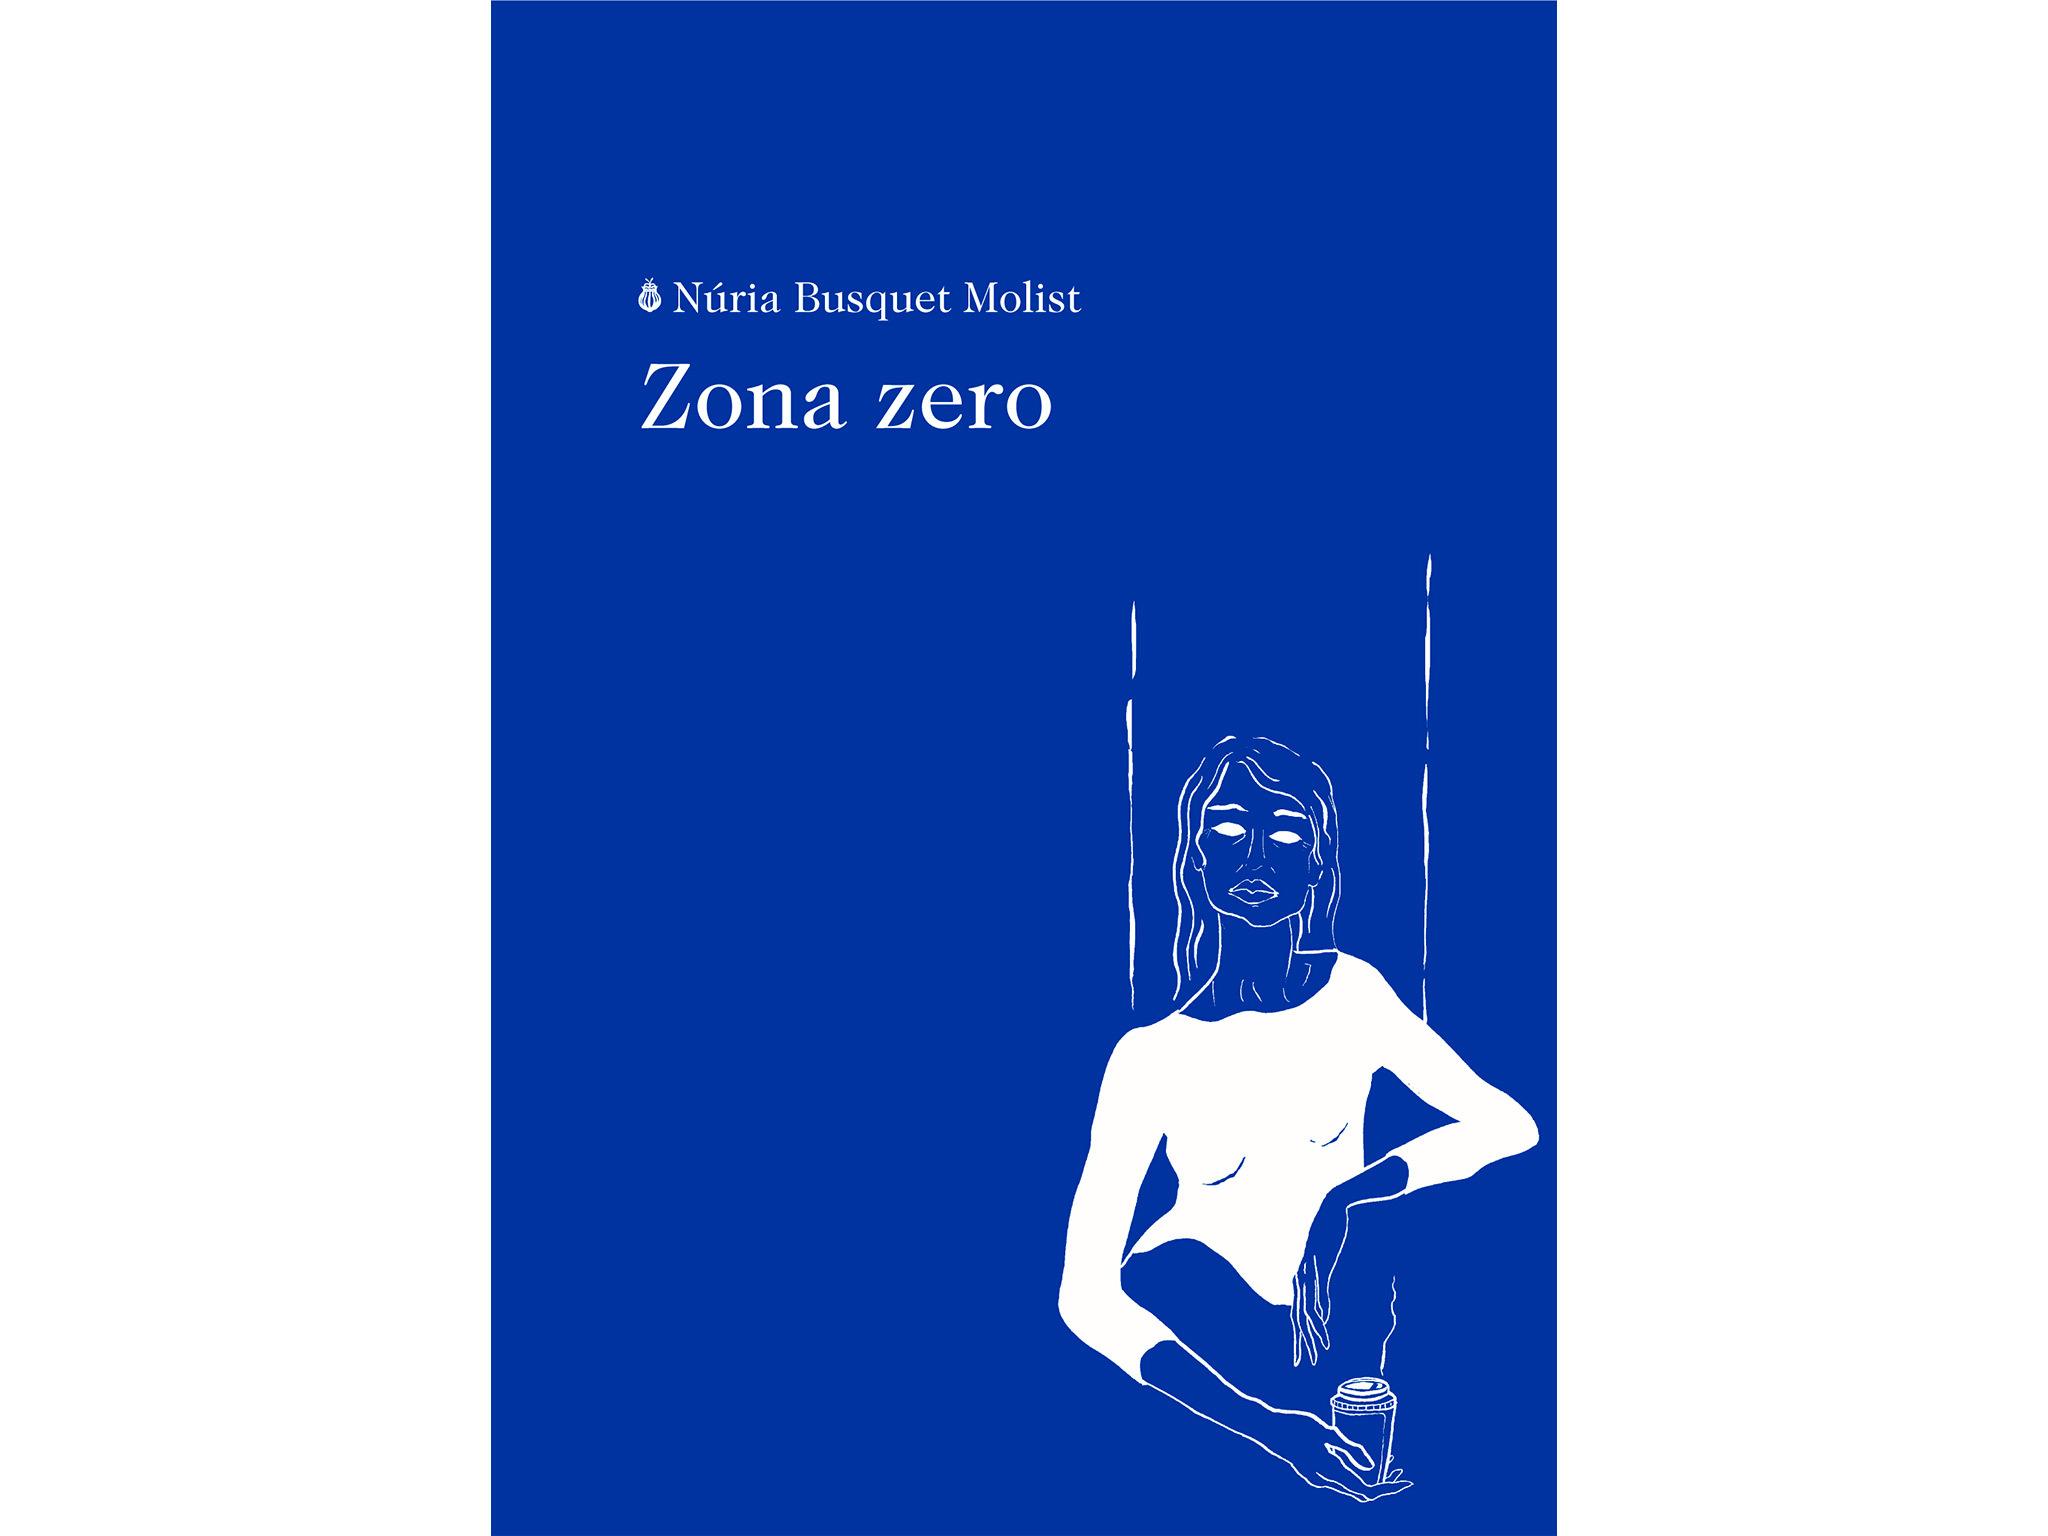 Zona zero